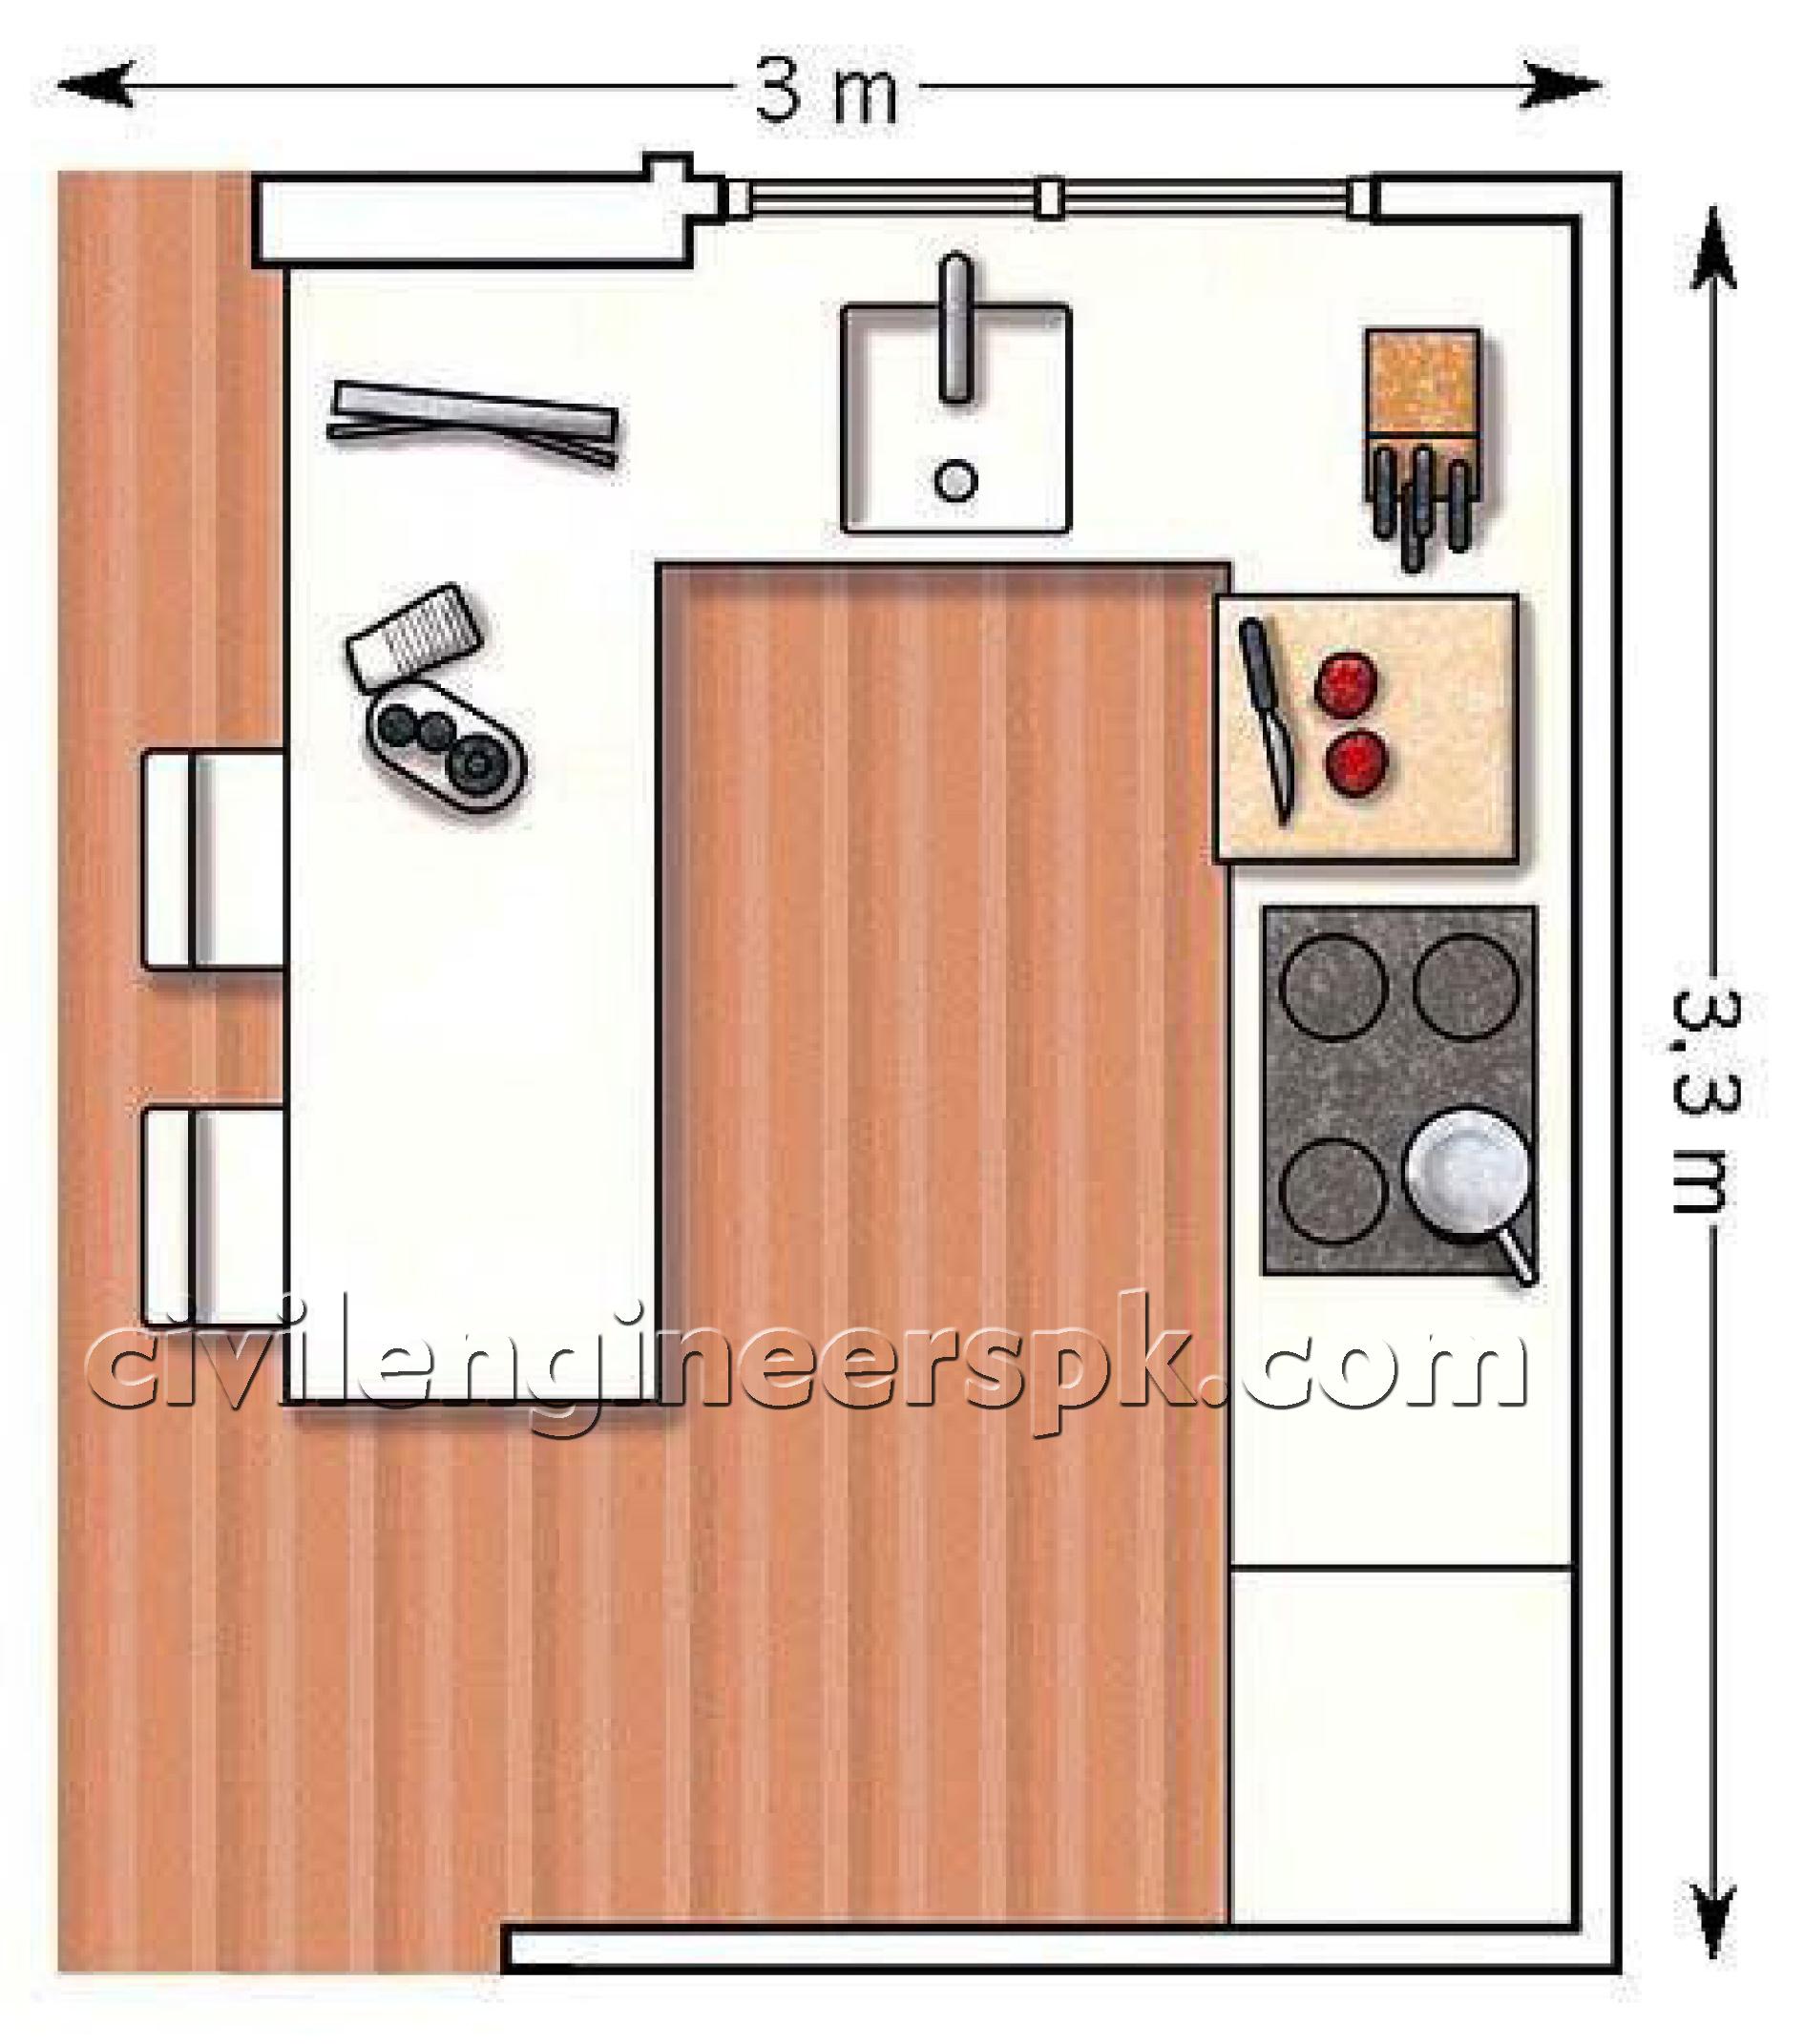 Kitchen design 10 civil engineers pk for Civil kitchen designs